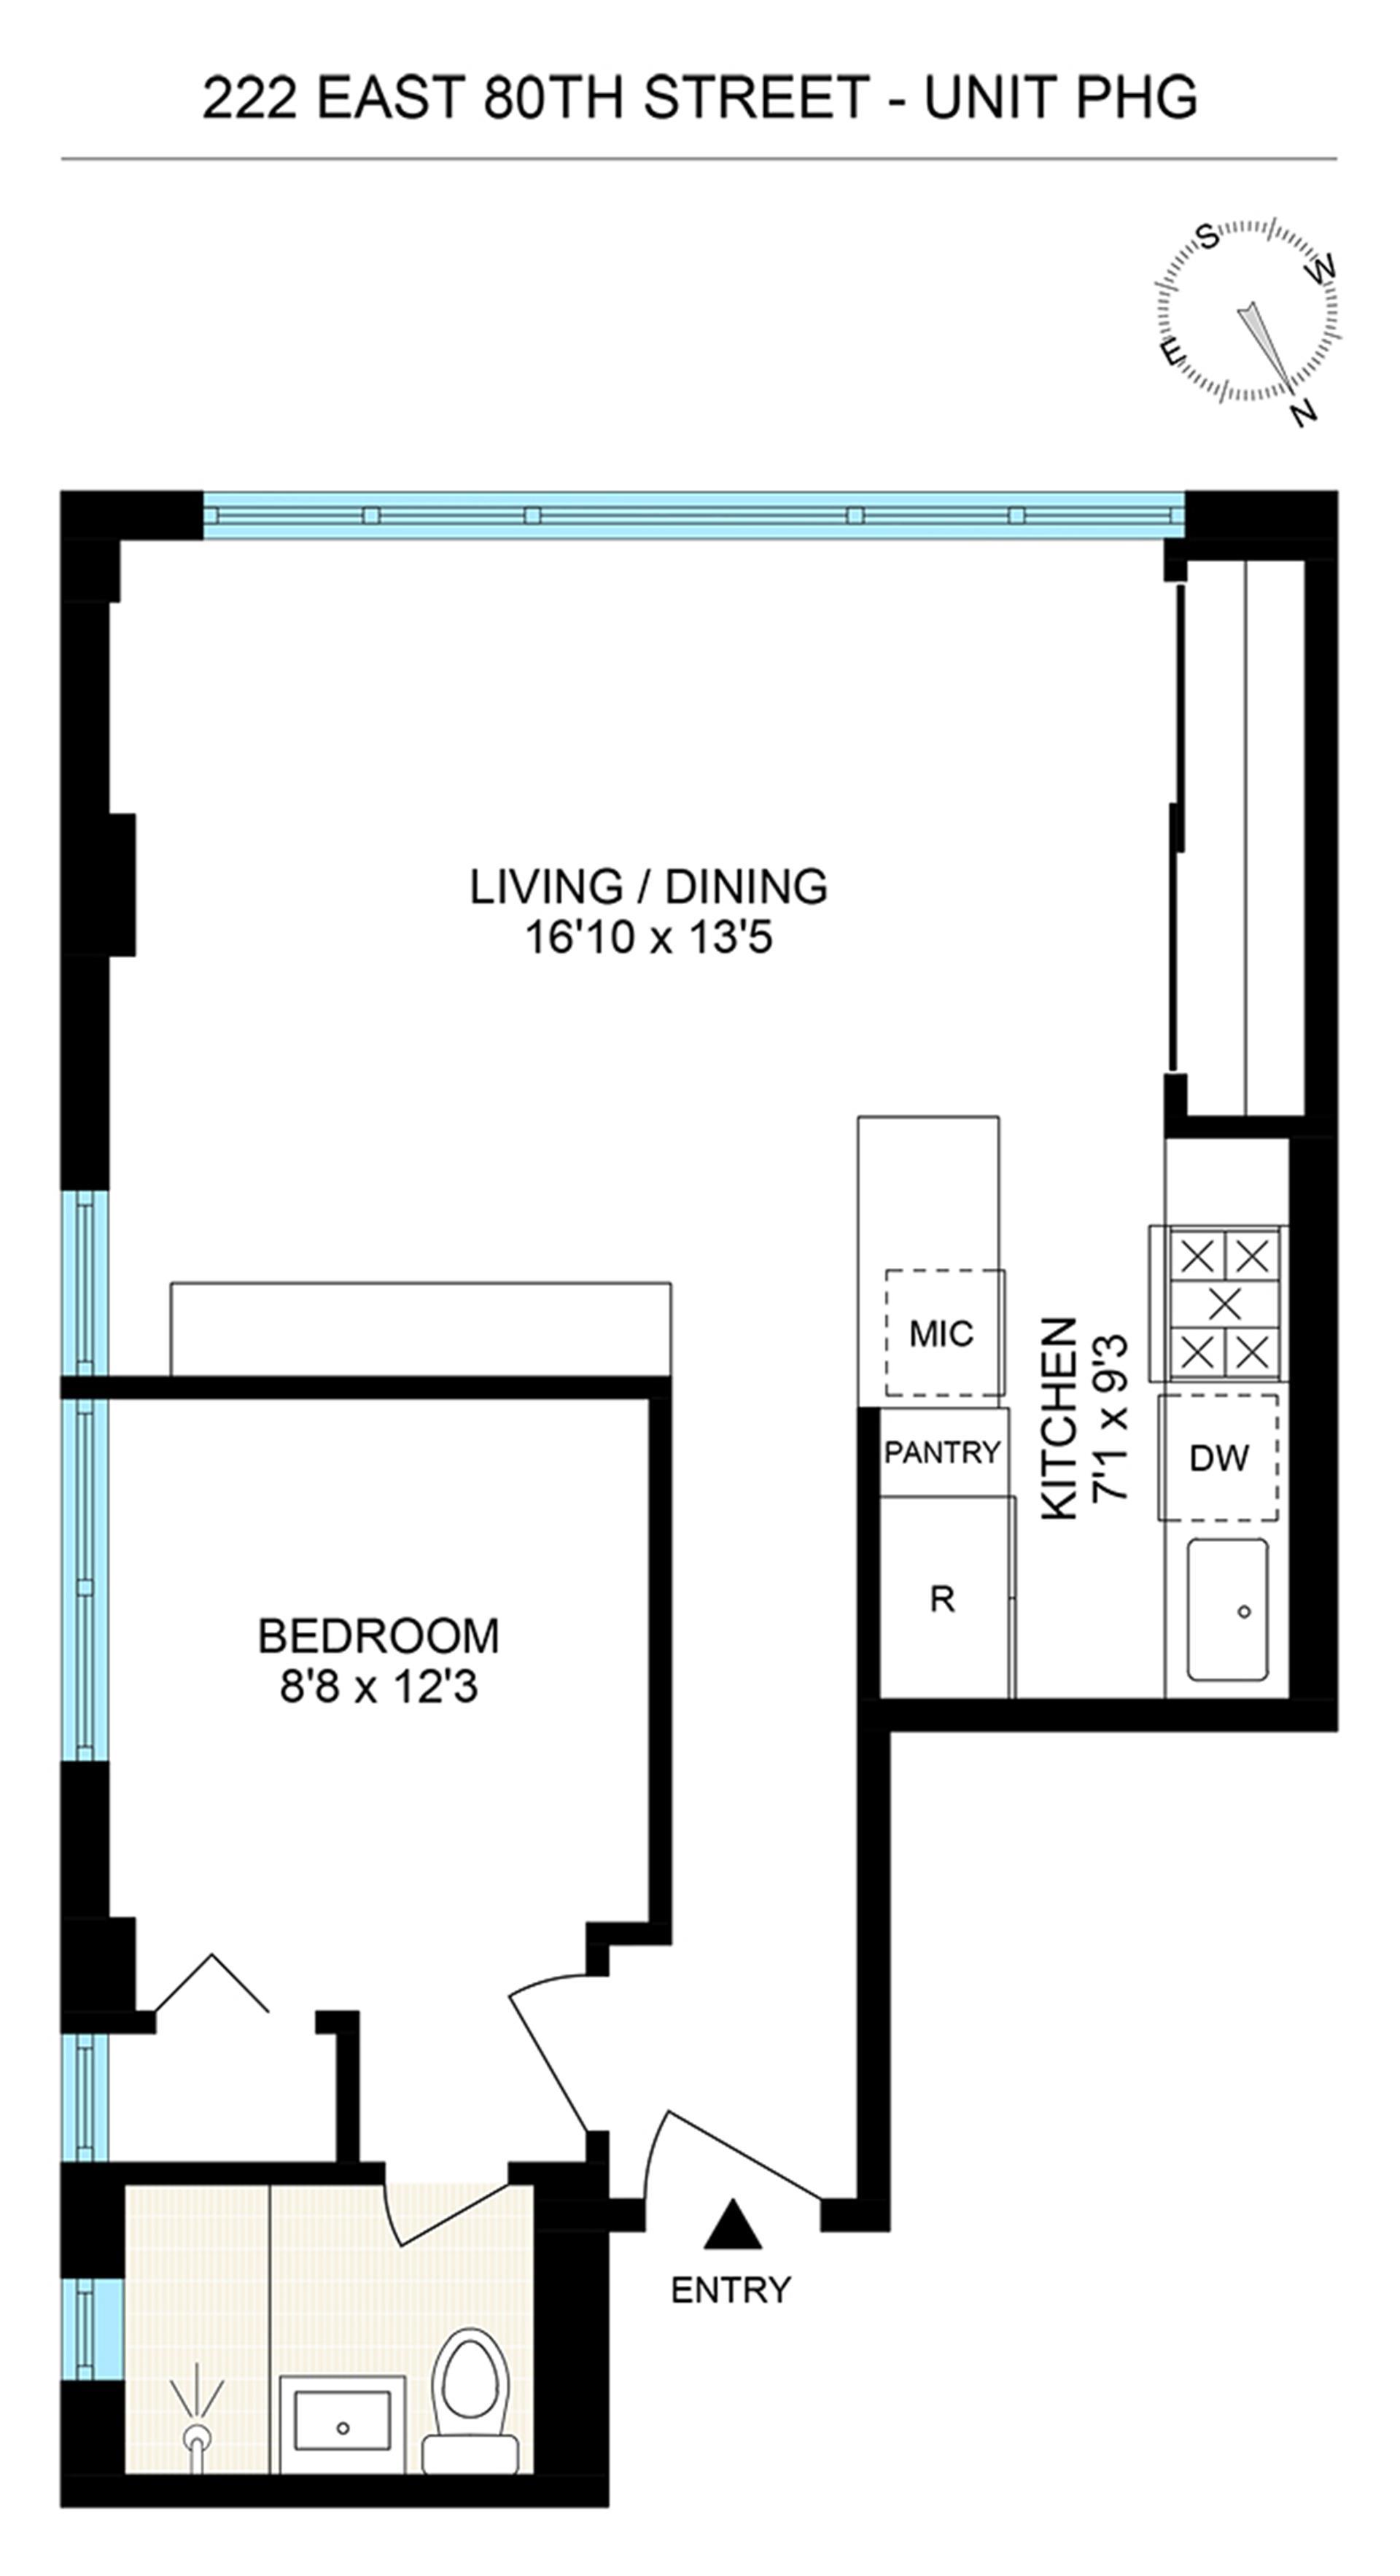 Floor plan of 222 East 80th Street, PHG - Upper East Side, New York